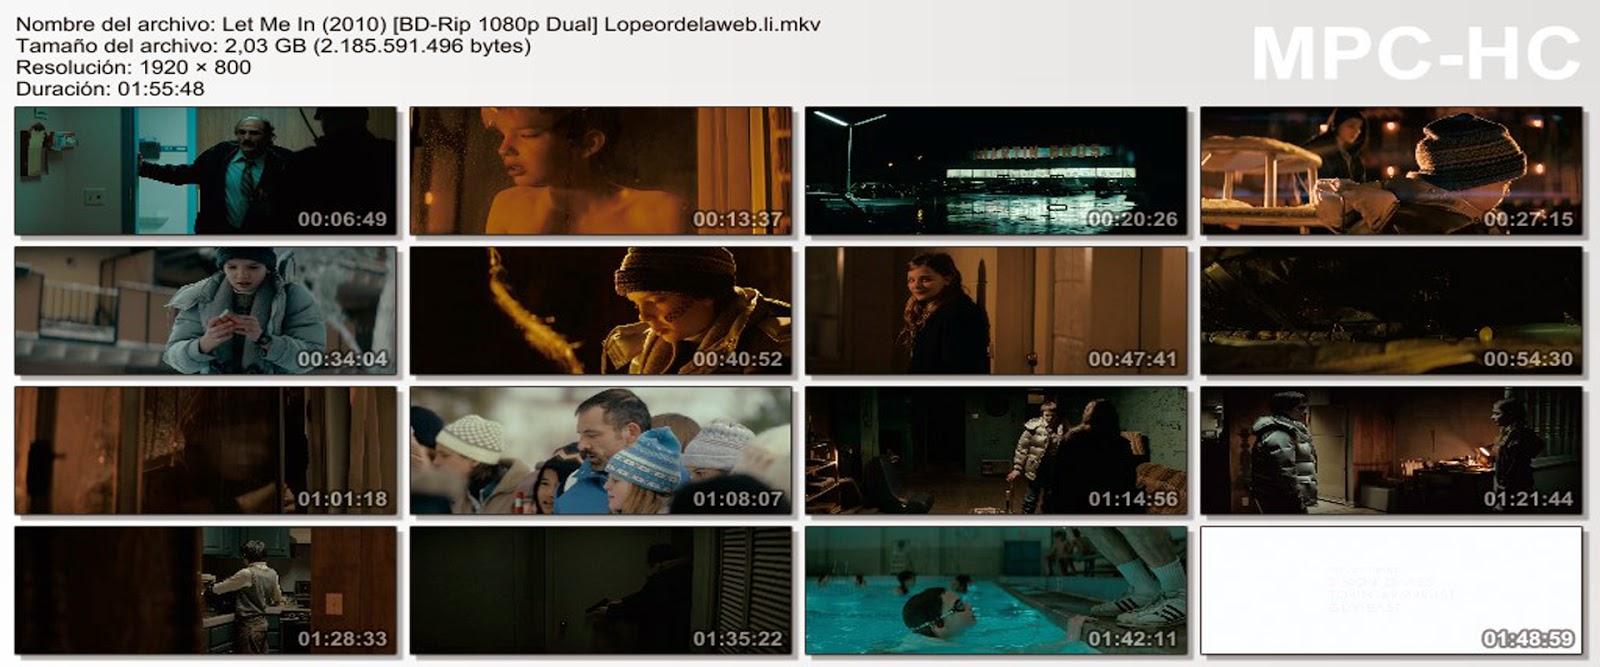 Let Me In / Dejame entrar (2010) [1080p. Dual]